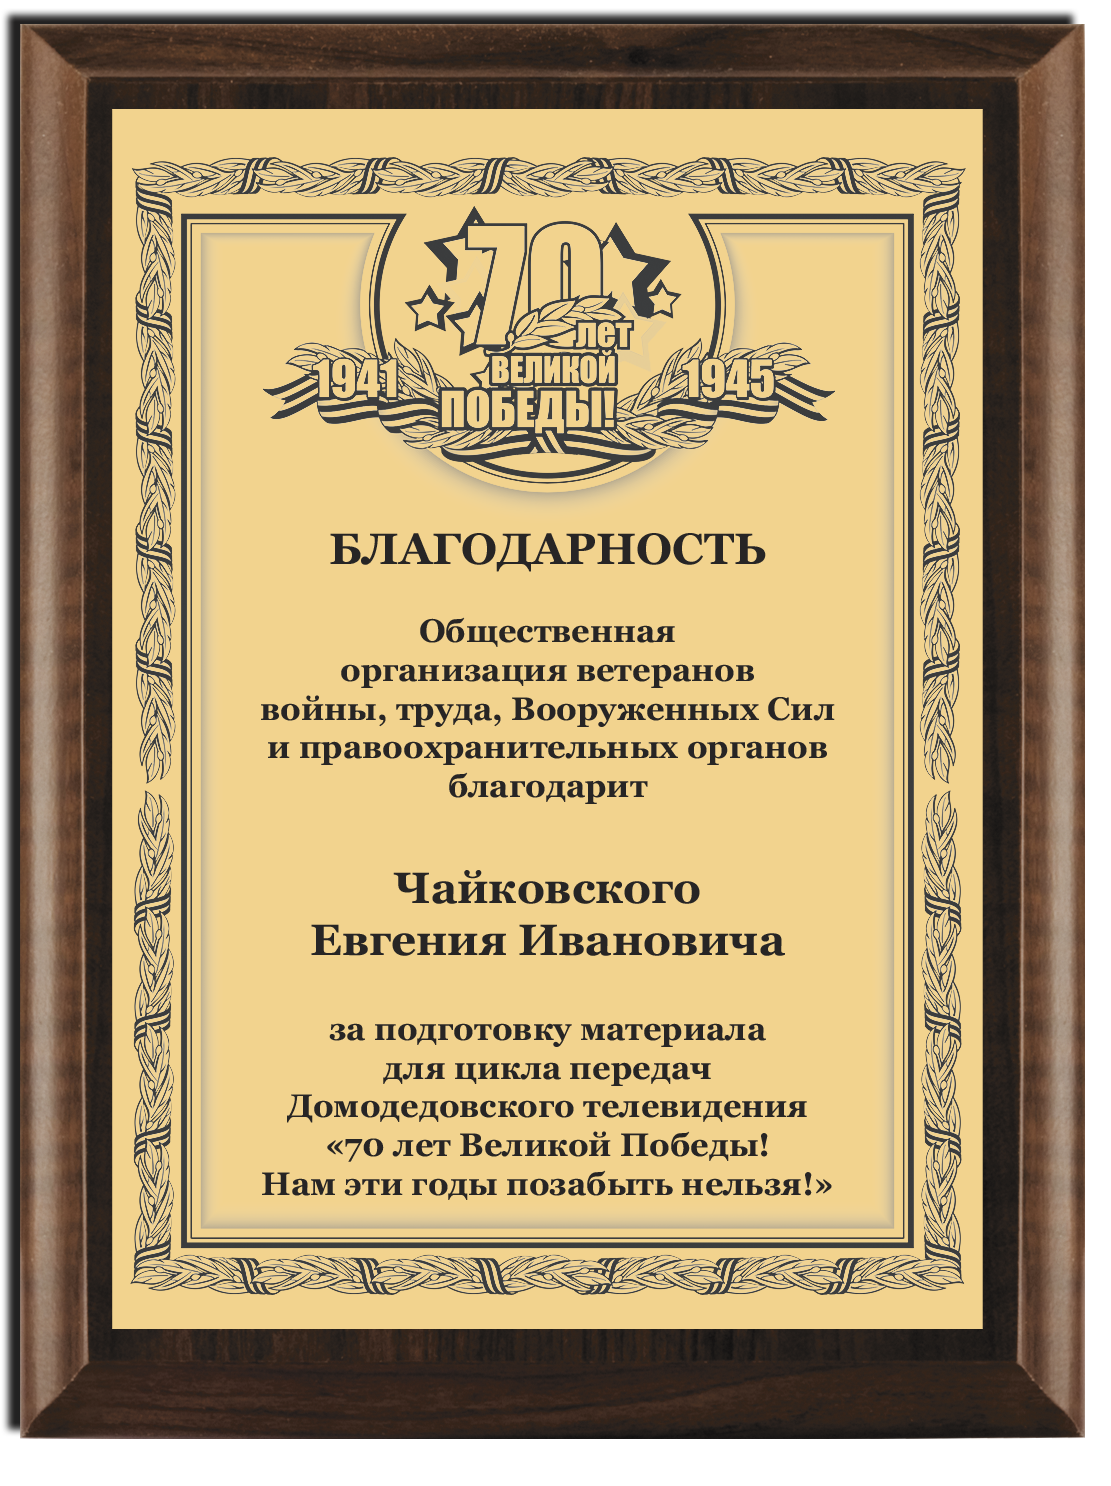 Плакетка (PL146)